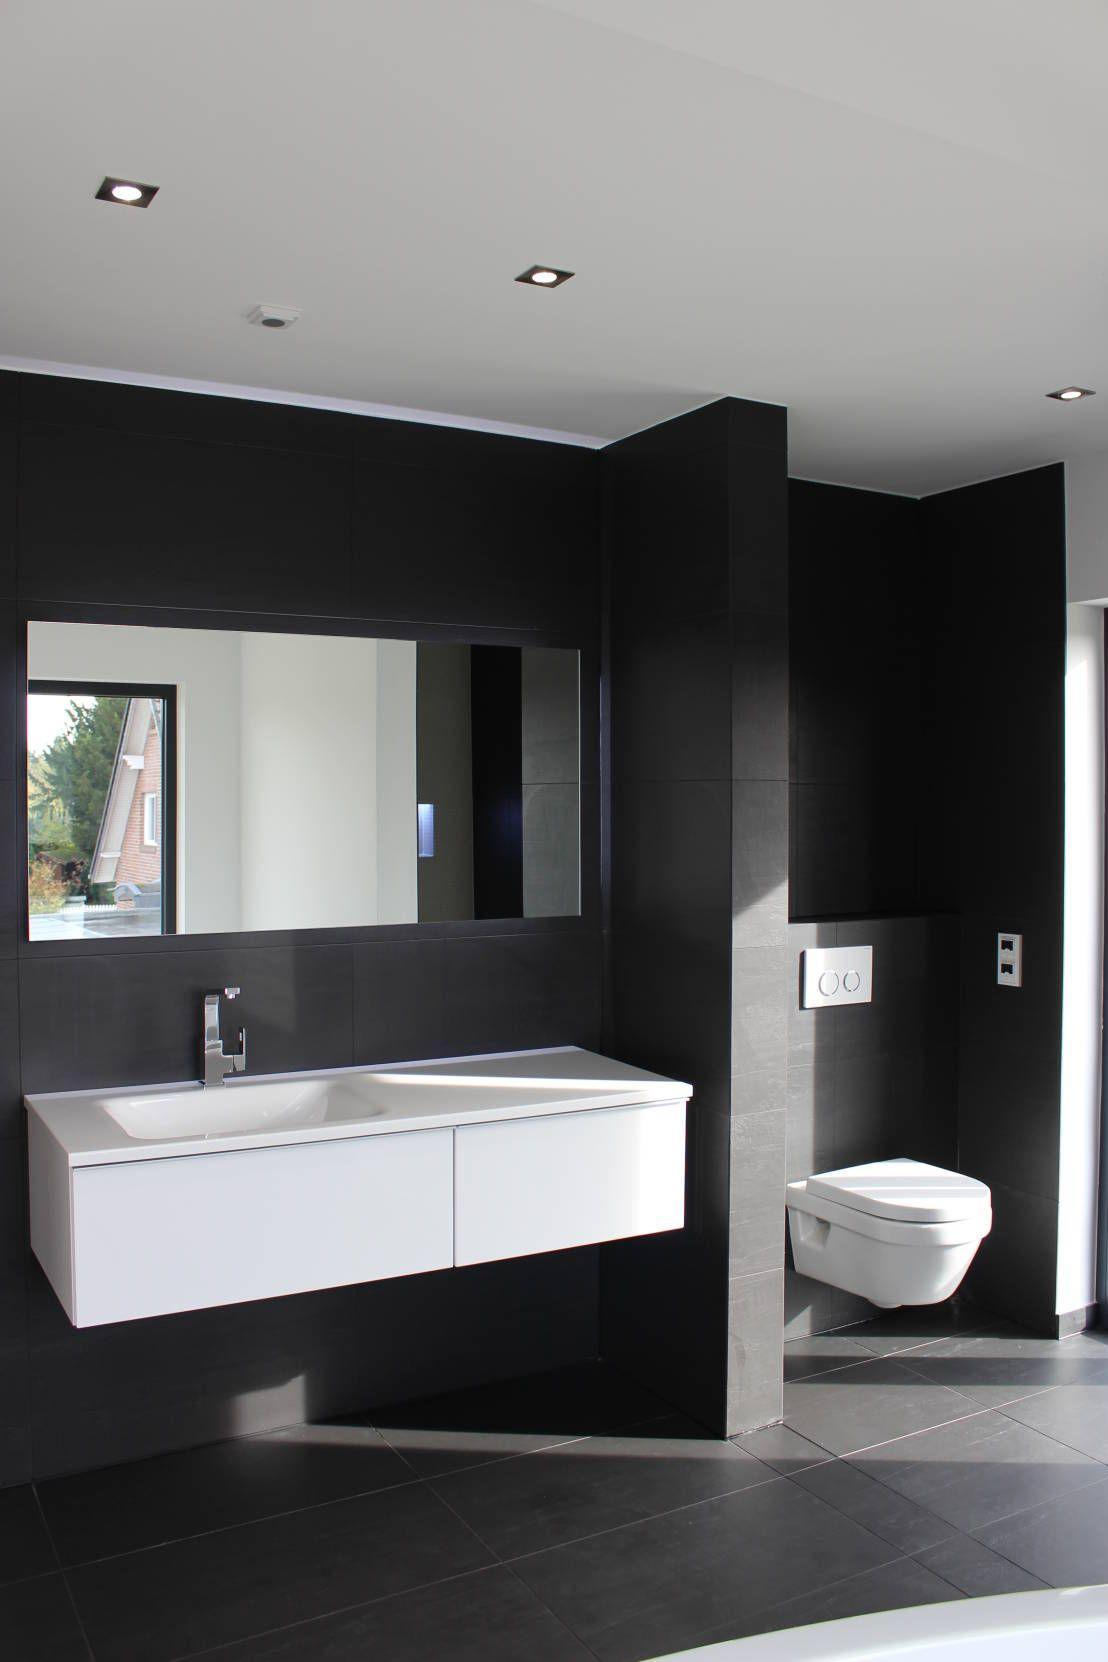 Haus E von cordes architektur | Moderne badezimmer, Architektur und ...